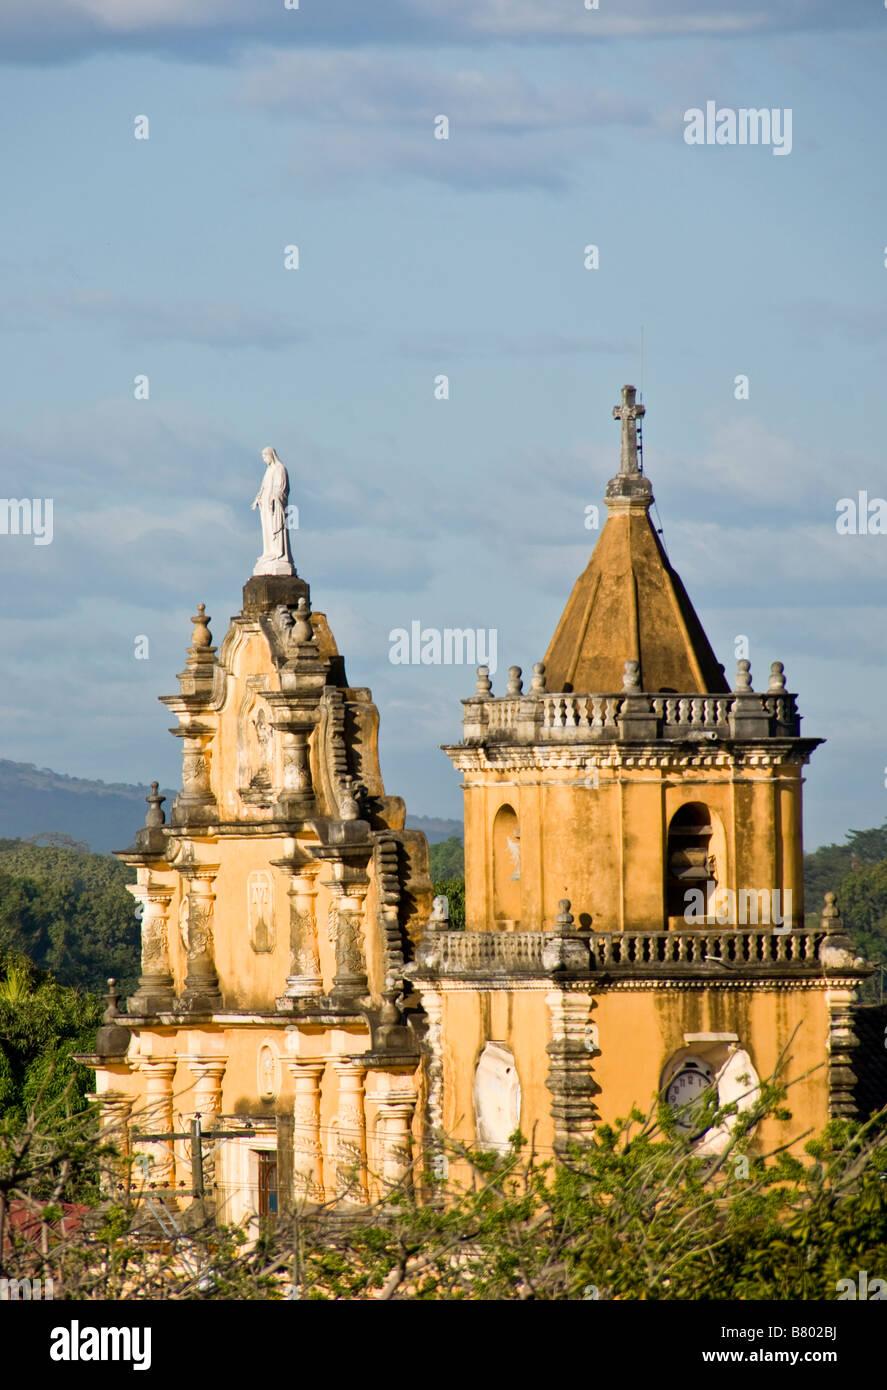 Leon's Church of the Recollection (Iglesias de la Recoleccion), Spanish colonial architecture - Stock Image